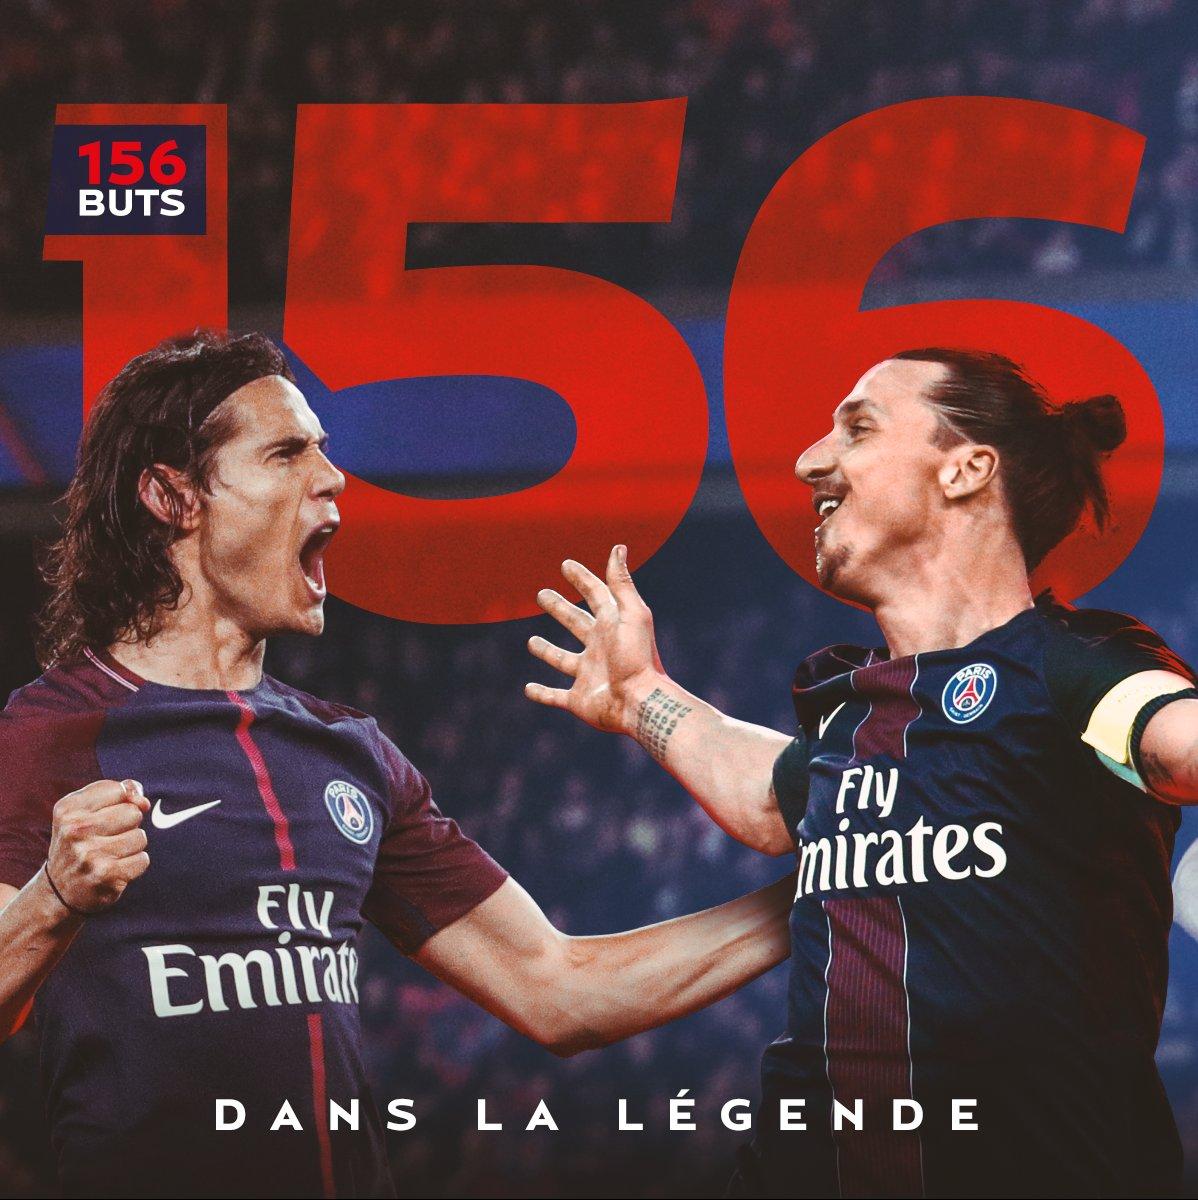 🚨 Il l'a fait ! @ECavaniOfficial vient d'égaler le record établi par @Ibra_official en marquant son 1⃣5⃣6⃣e but avec le Paris Saint-Germain ! 👏